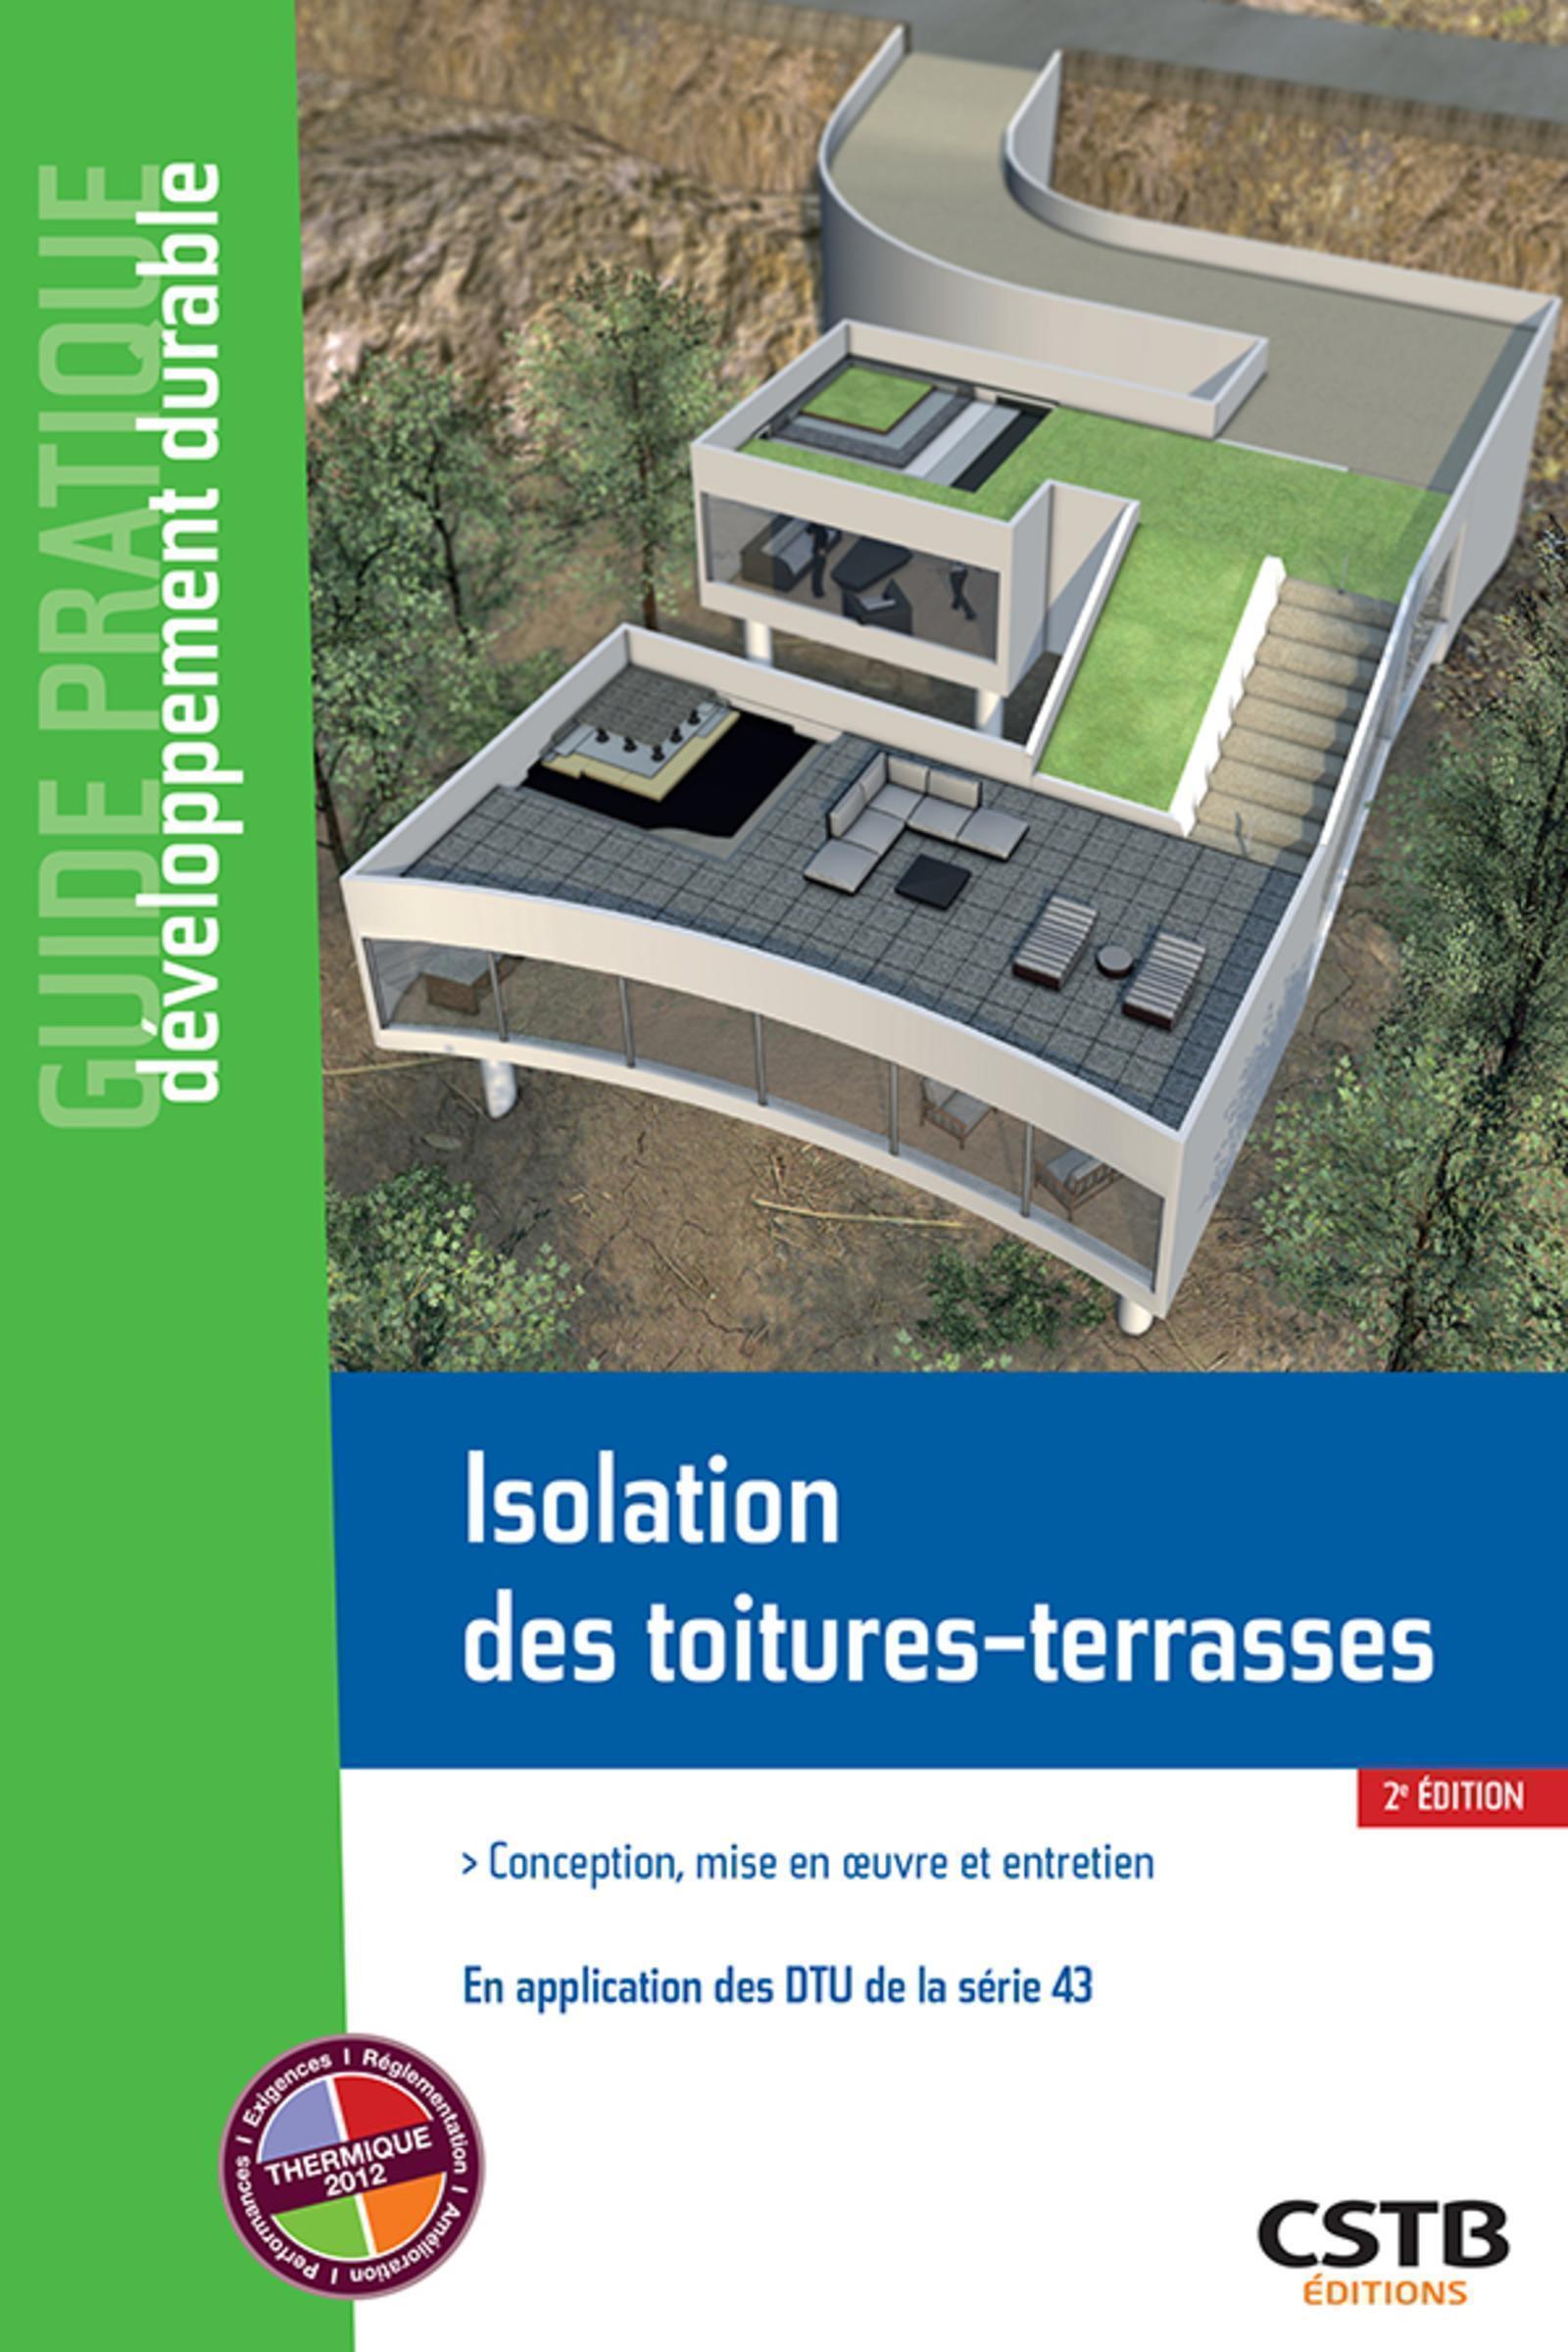 ISOLATION DES TOITURES-TERRASSES - CONCEPTION, MISE EN OEUVRE ET ENTRETIEN - EN APPLICATION DES NF D